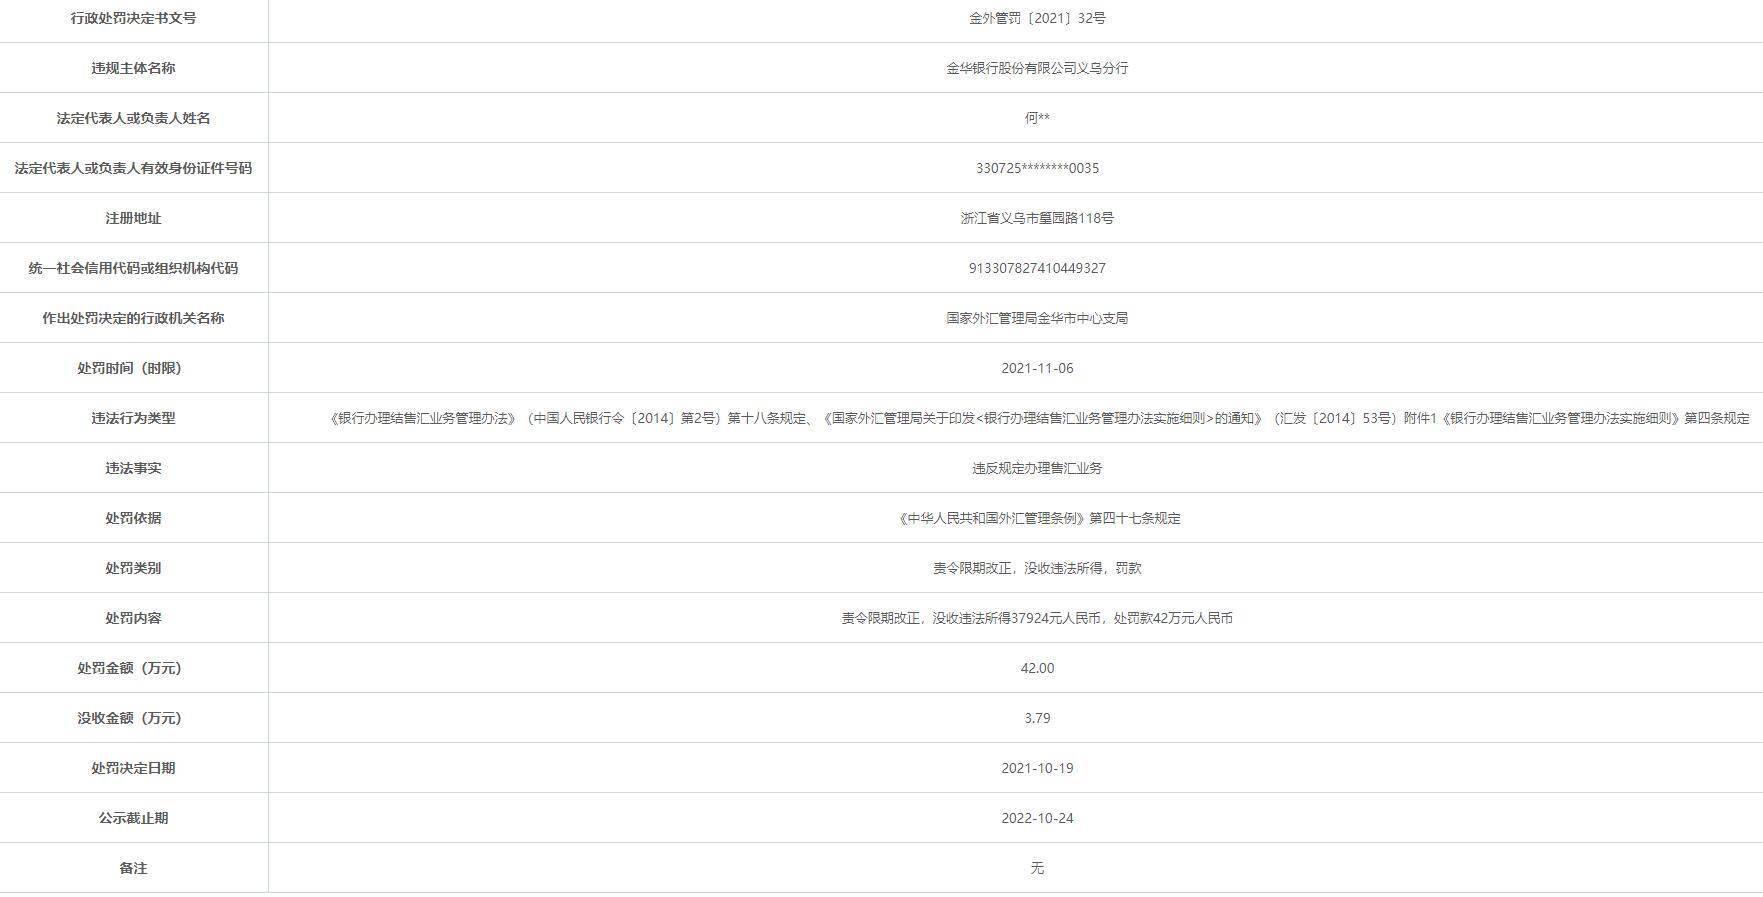 金华银行义乌分行违法被罚没46万元 违规办理售汇业务